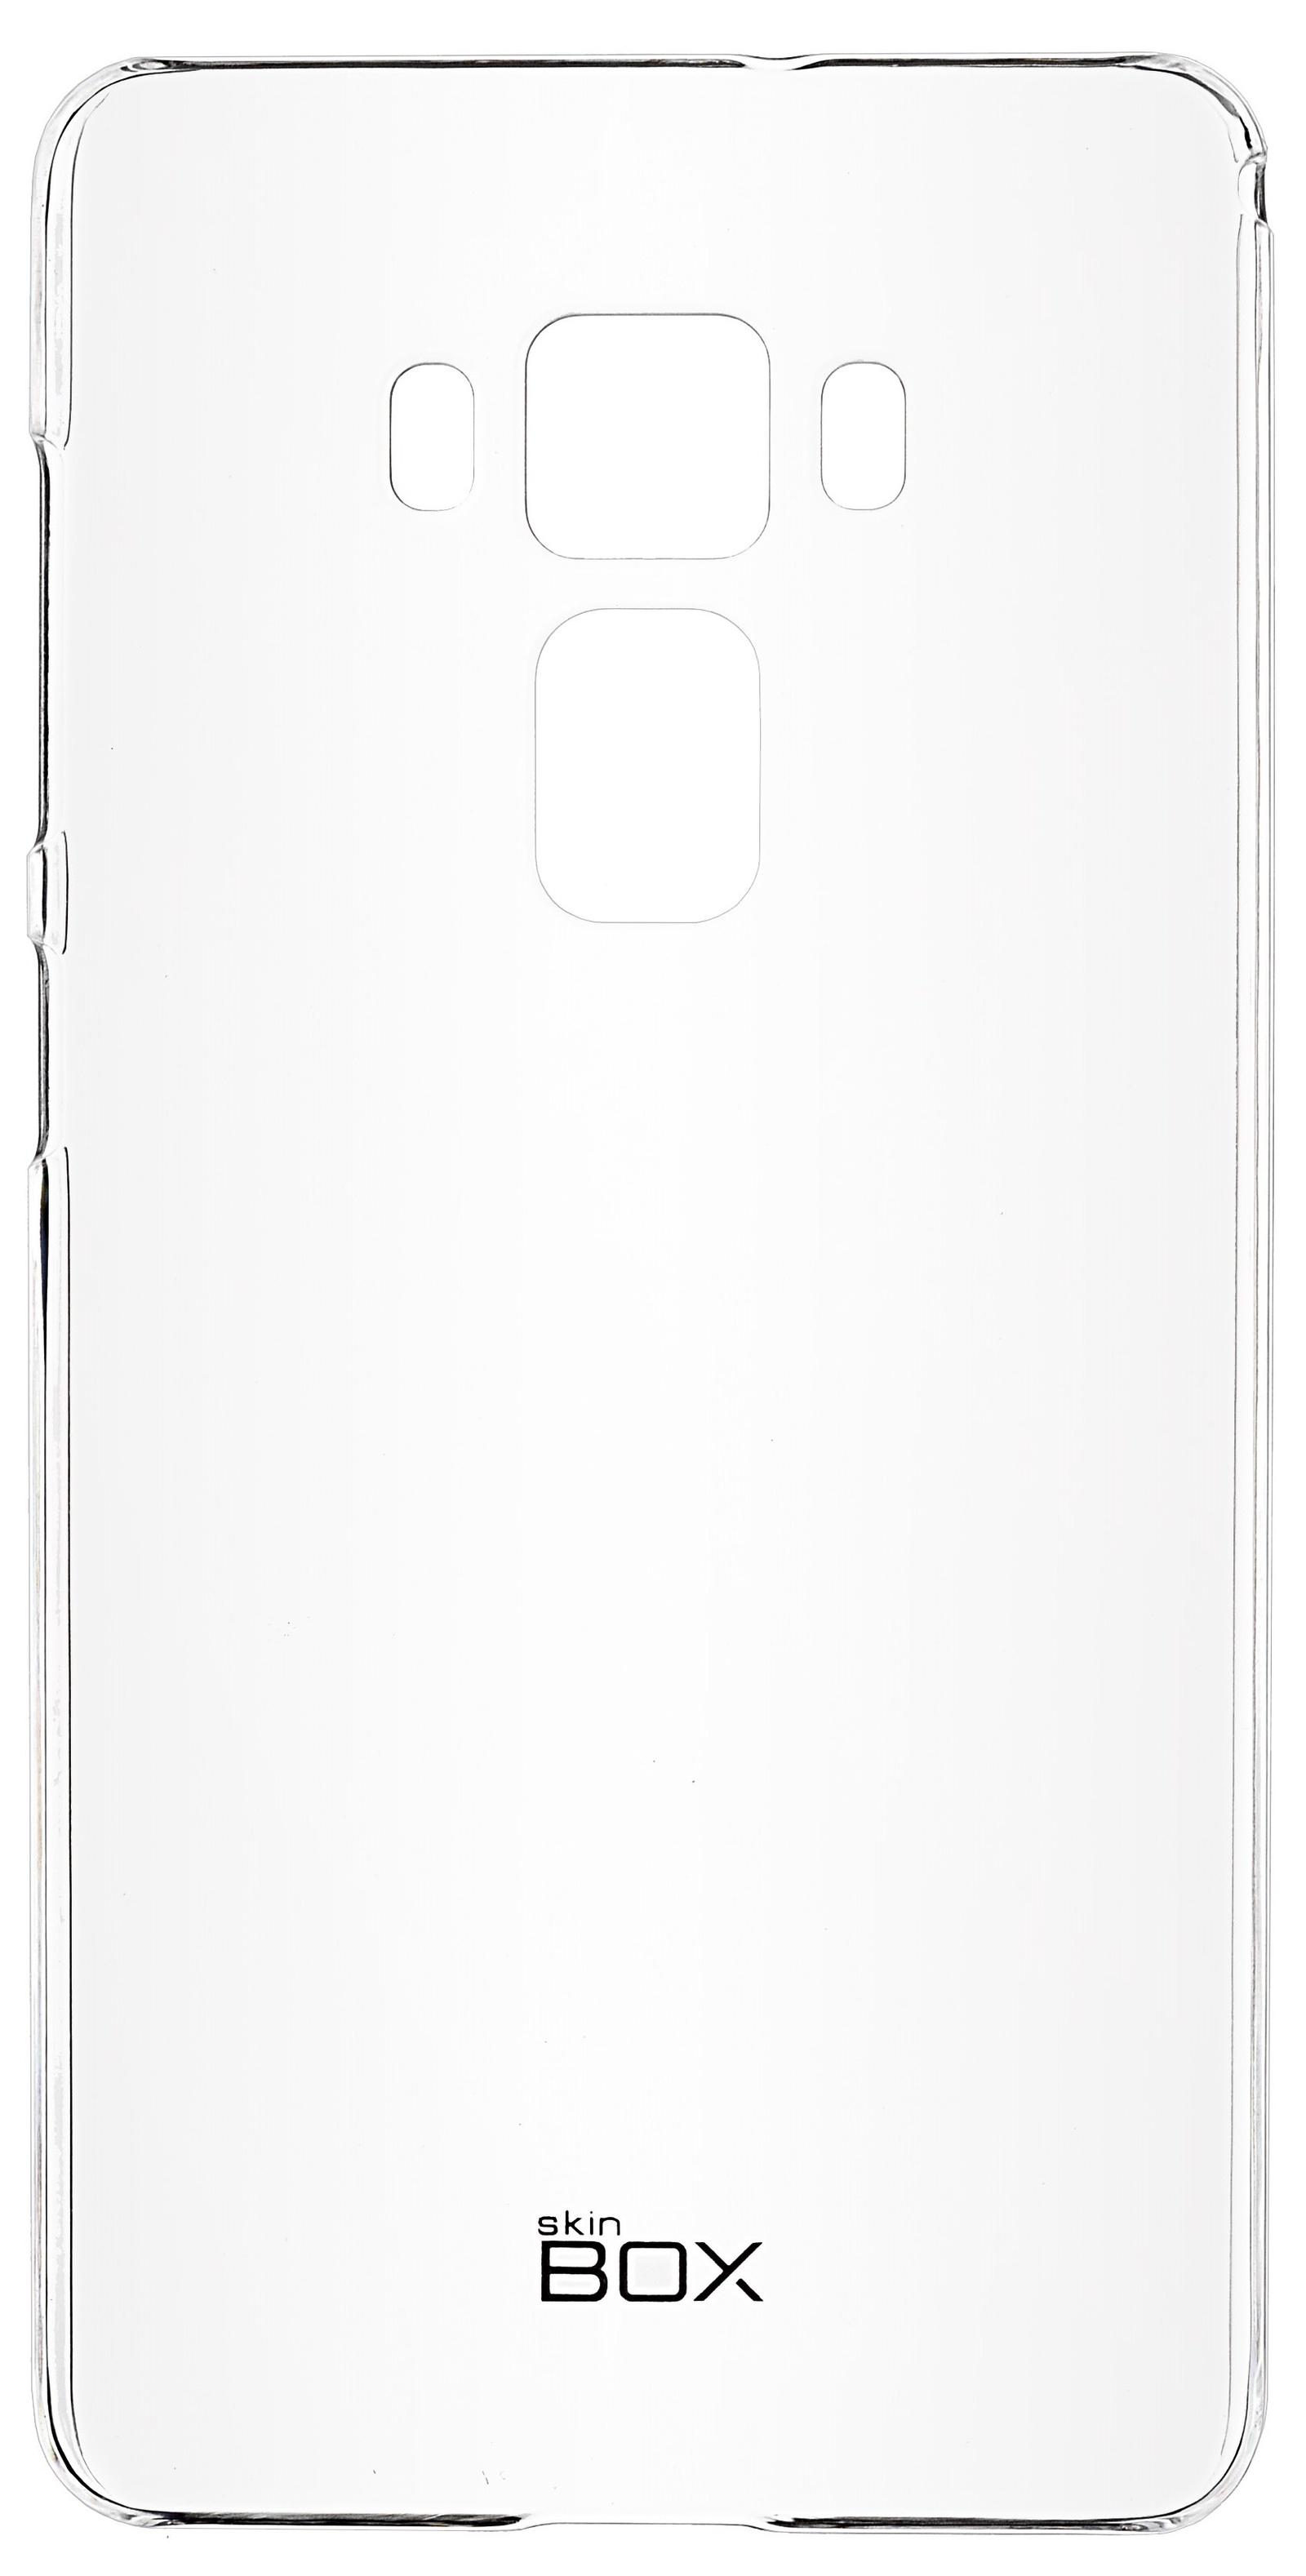 Чехол для сотового телефона skinBOX Crystal, 4630042528246, прозрачный чехол для сотового телефона skinbox crystal 4630042524606 прозрачный